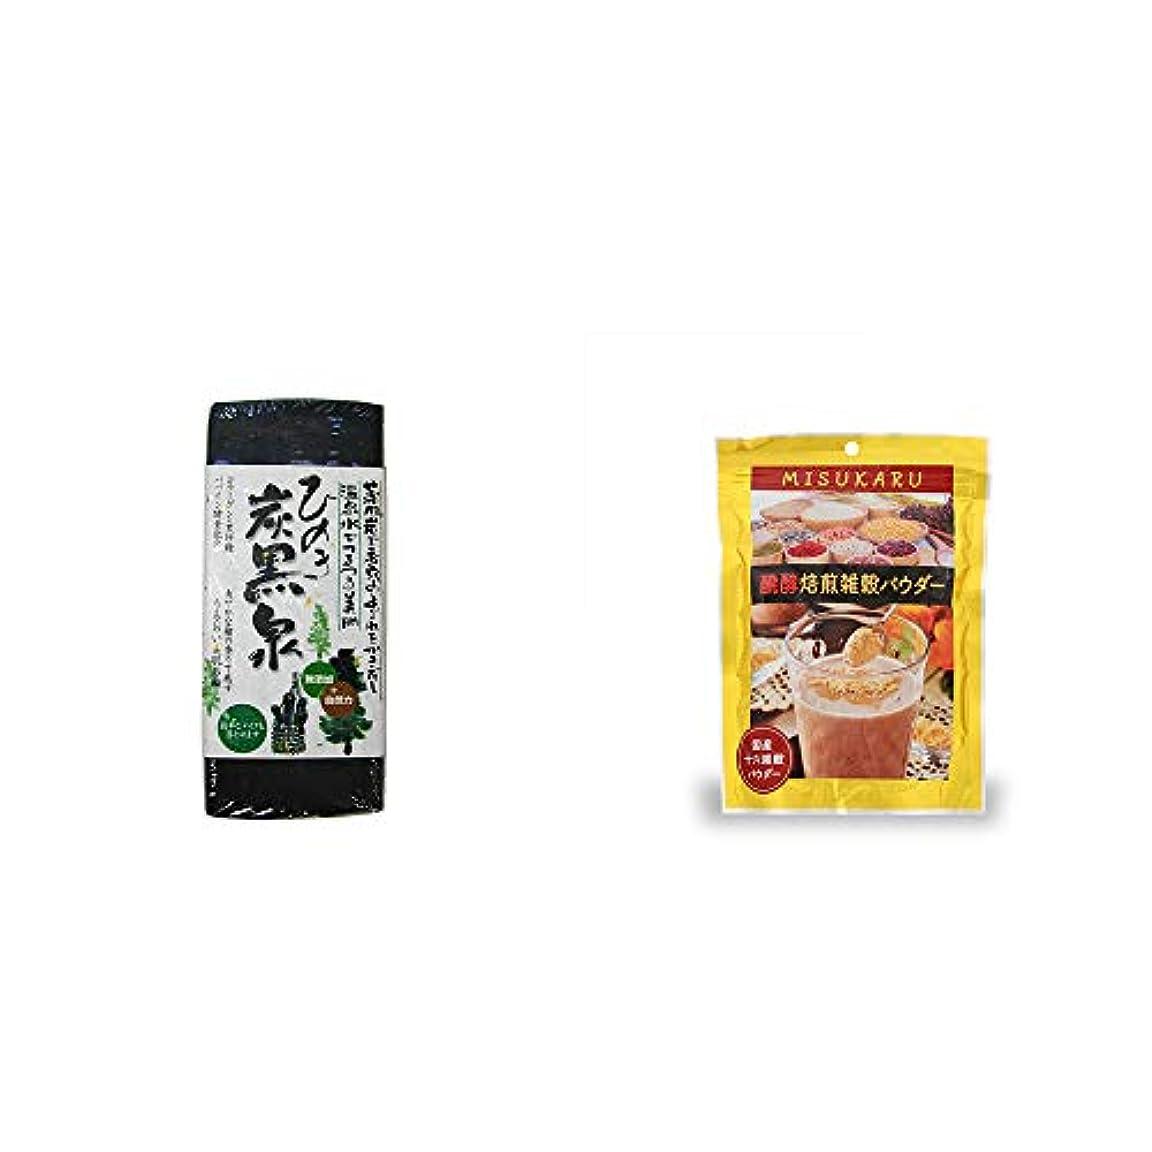 緊急ボーナスラジカル[2点セット] ひのき炭黒泉(75g×2)?醗酵焙煎雑穀パウダー MISUKARU(ミスカル)(200g)